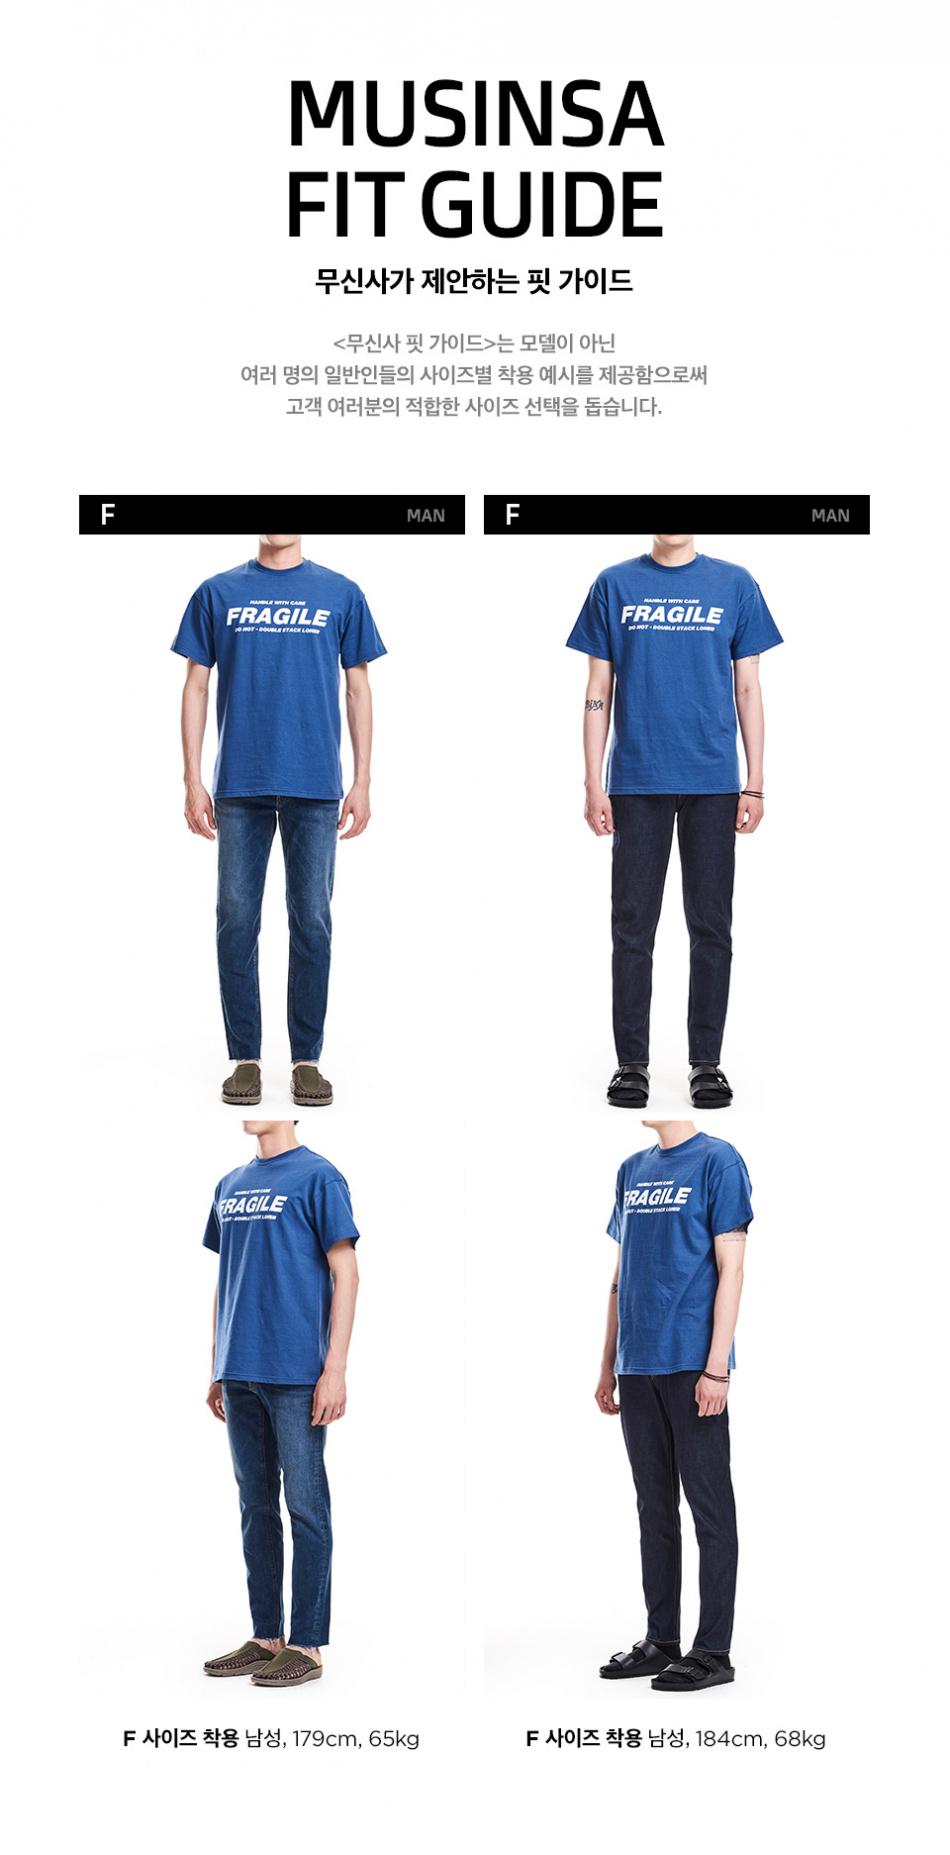 로너(LONER) 프레졀 티셔츠-다크블루